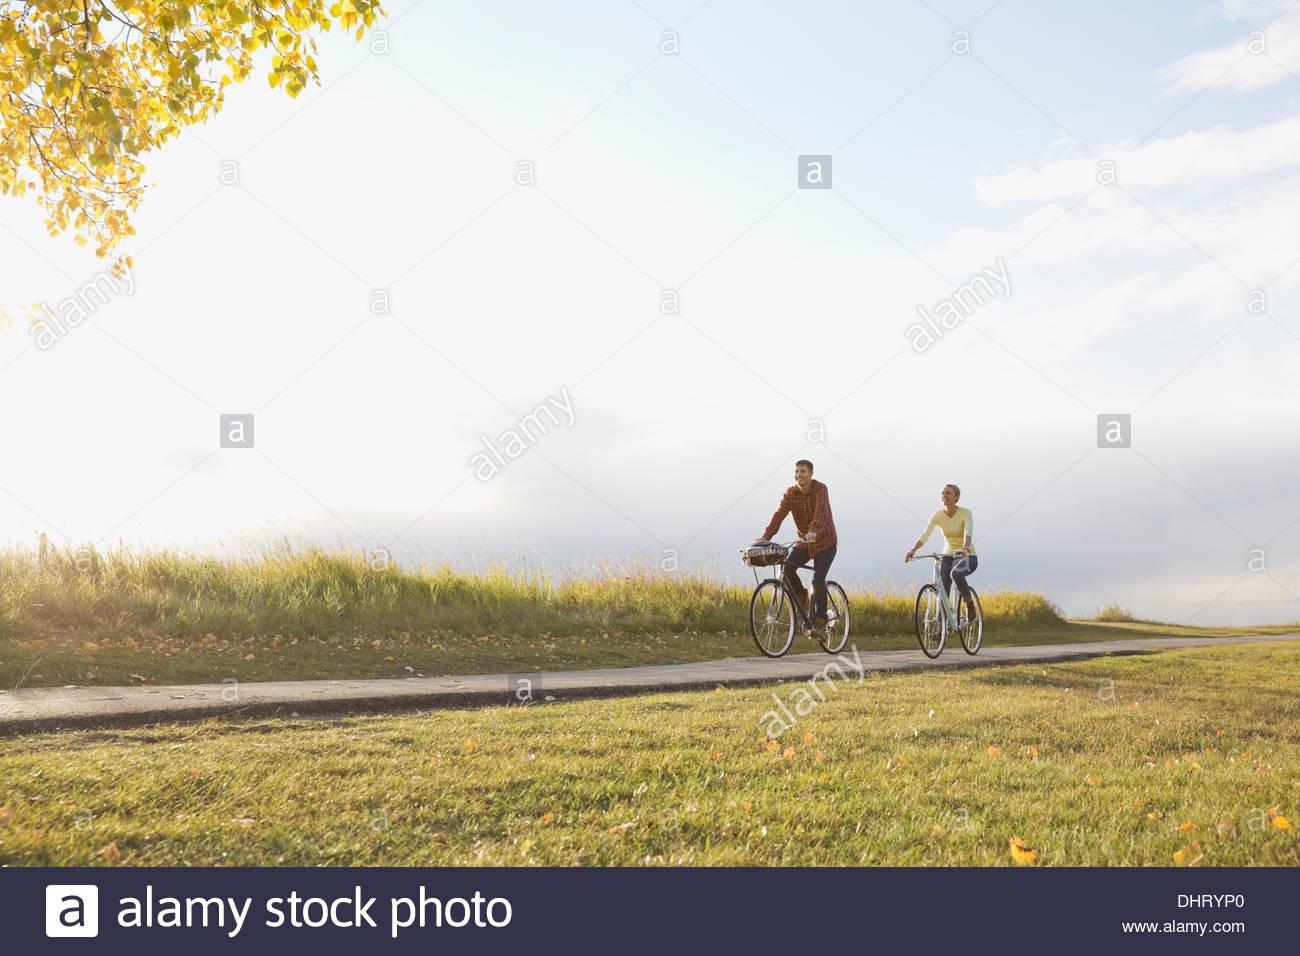 La longitud total del par de ciclismo en carretera Imagen De Stock